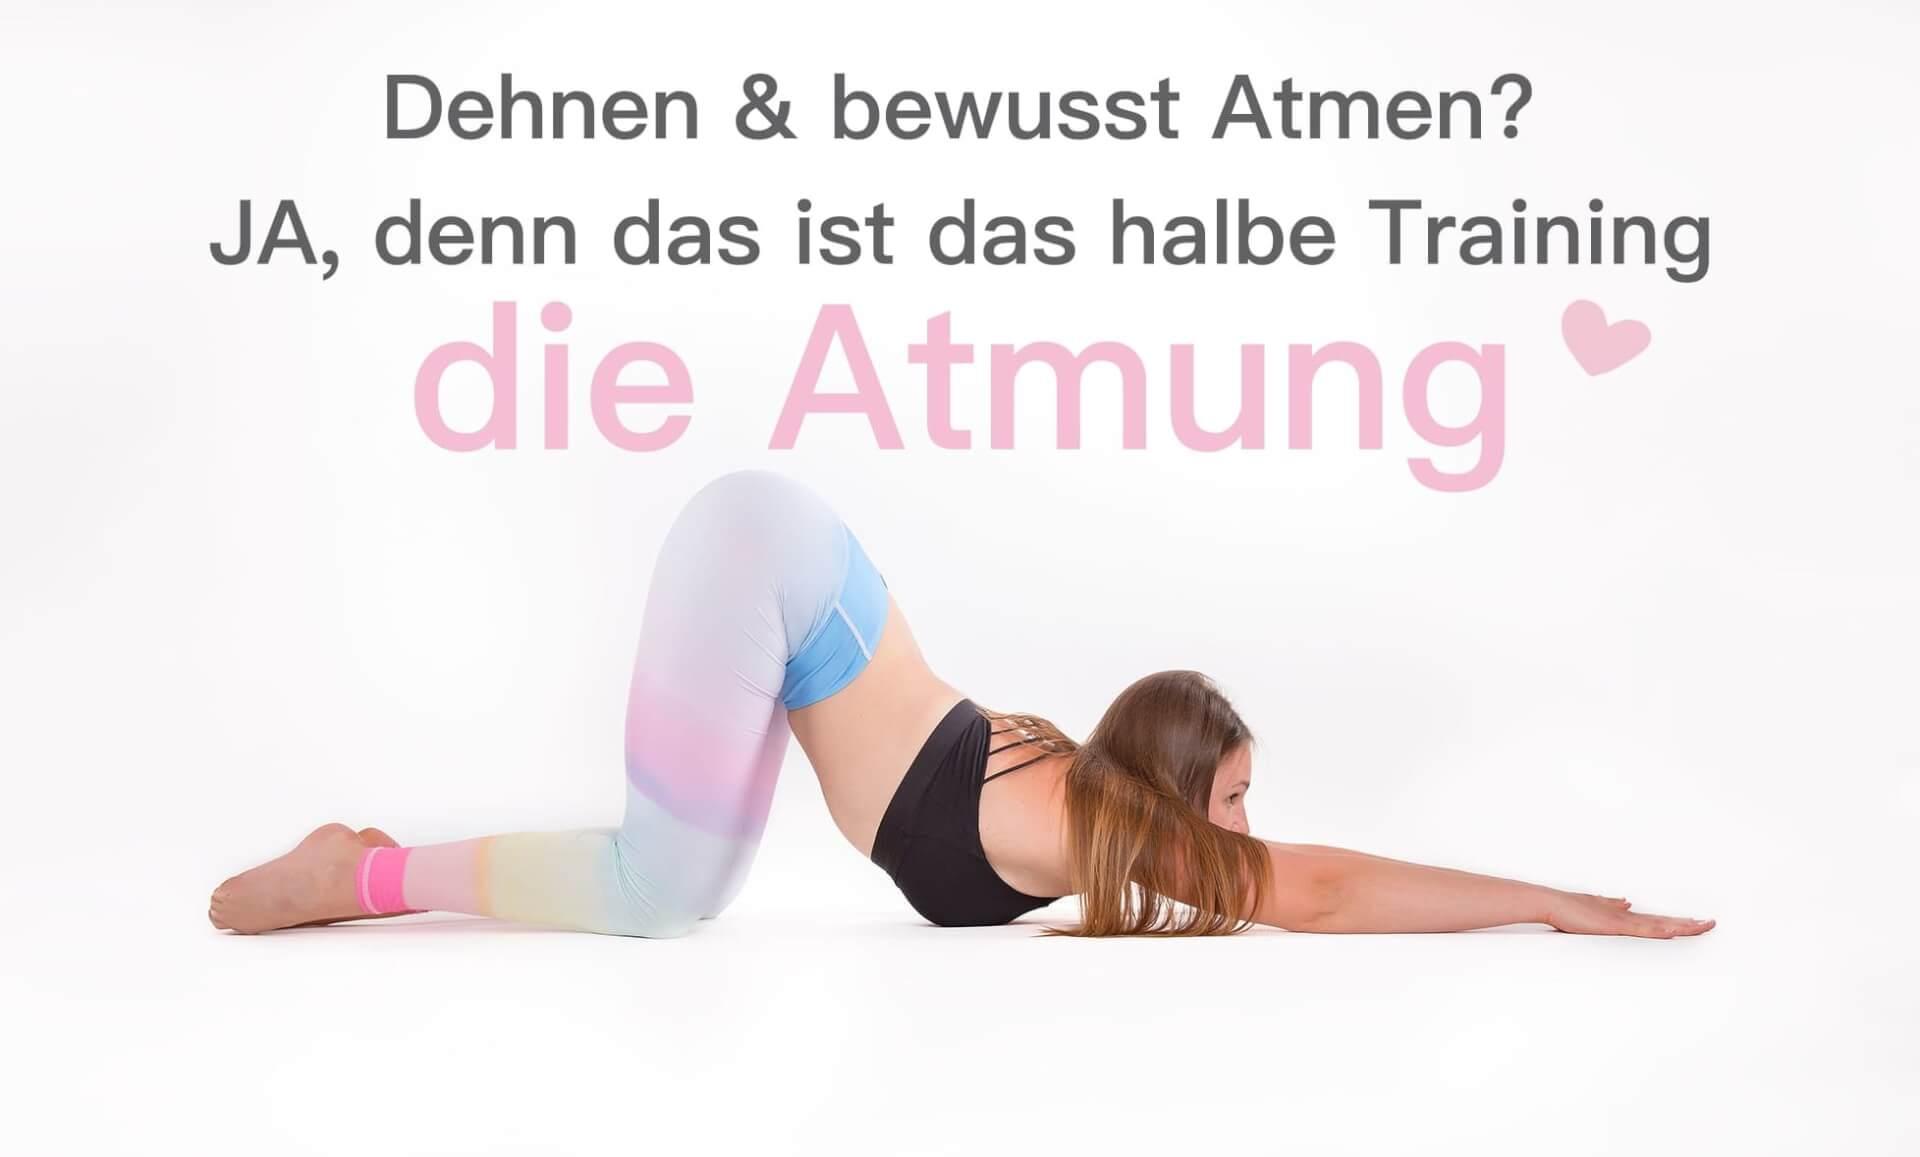 Dehnen & bewusst Atmen beim Stretching